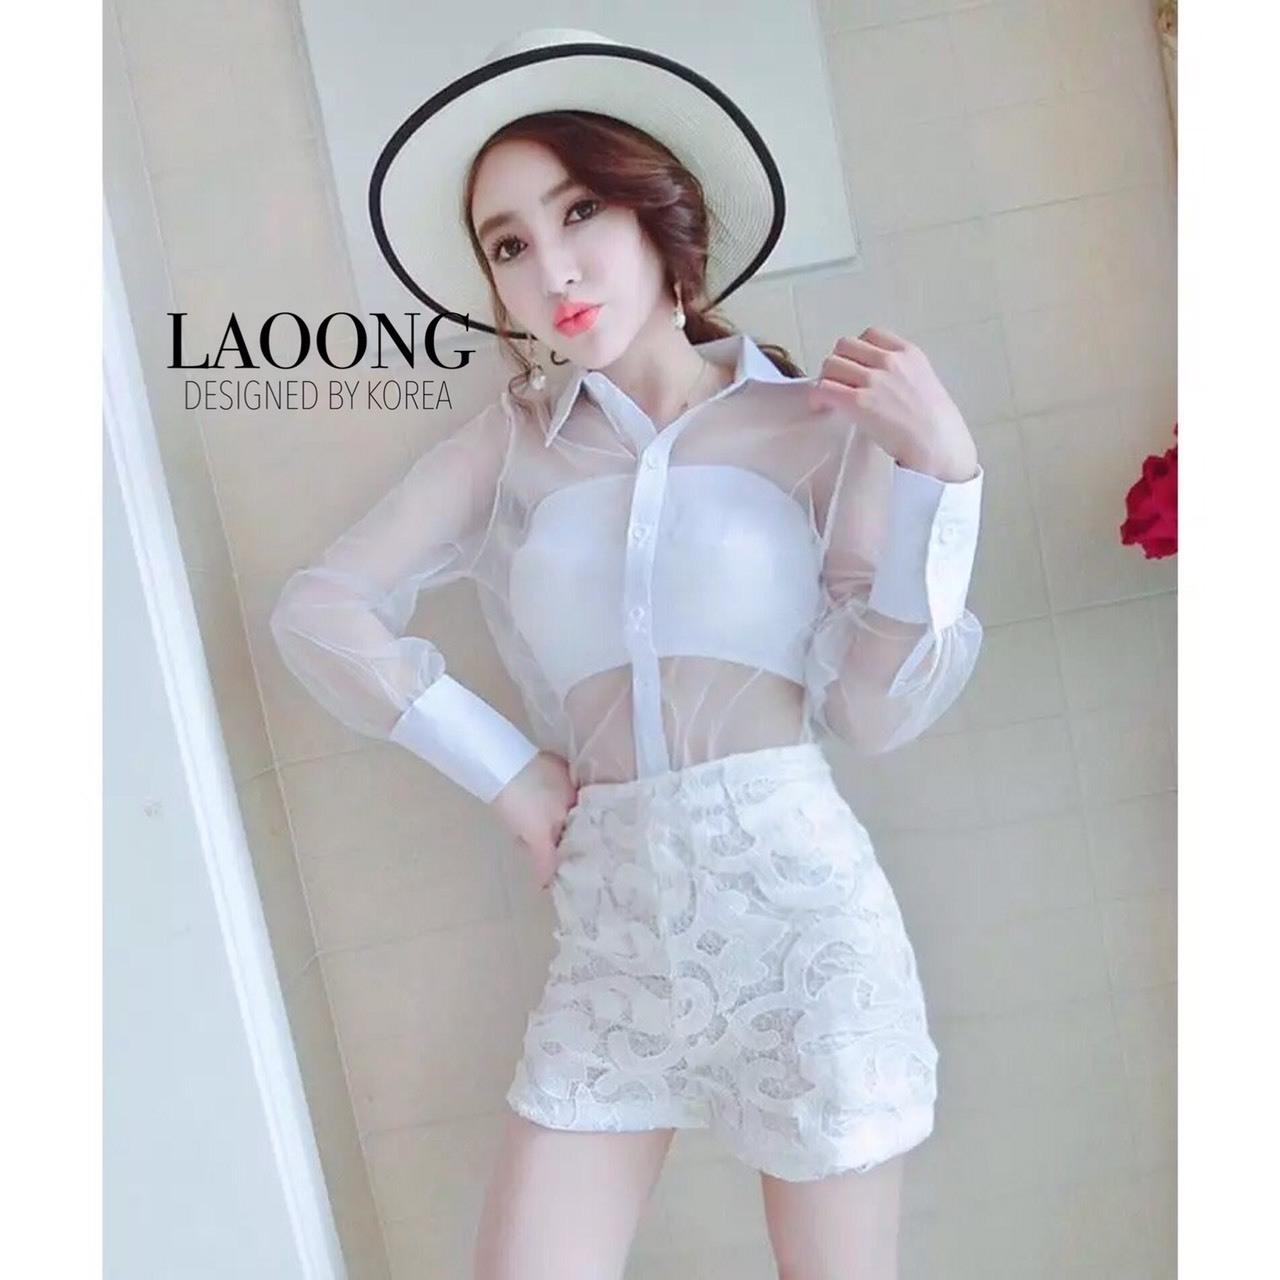 เสื้อผ้าแฟชั่นเกาหลีพร้อมส่ง Set3ชิ้นสีขาว